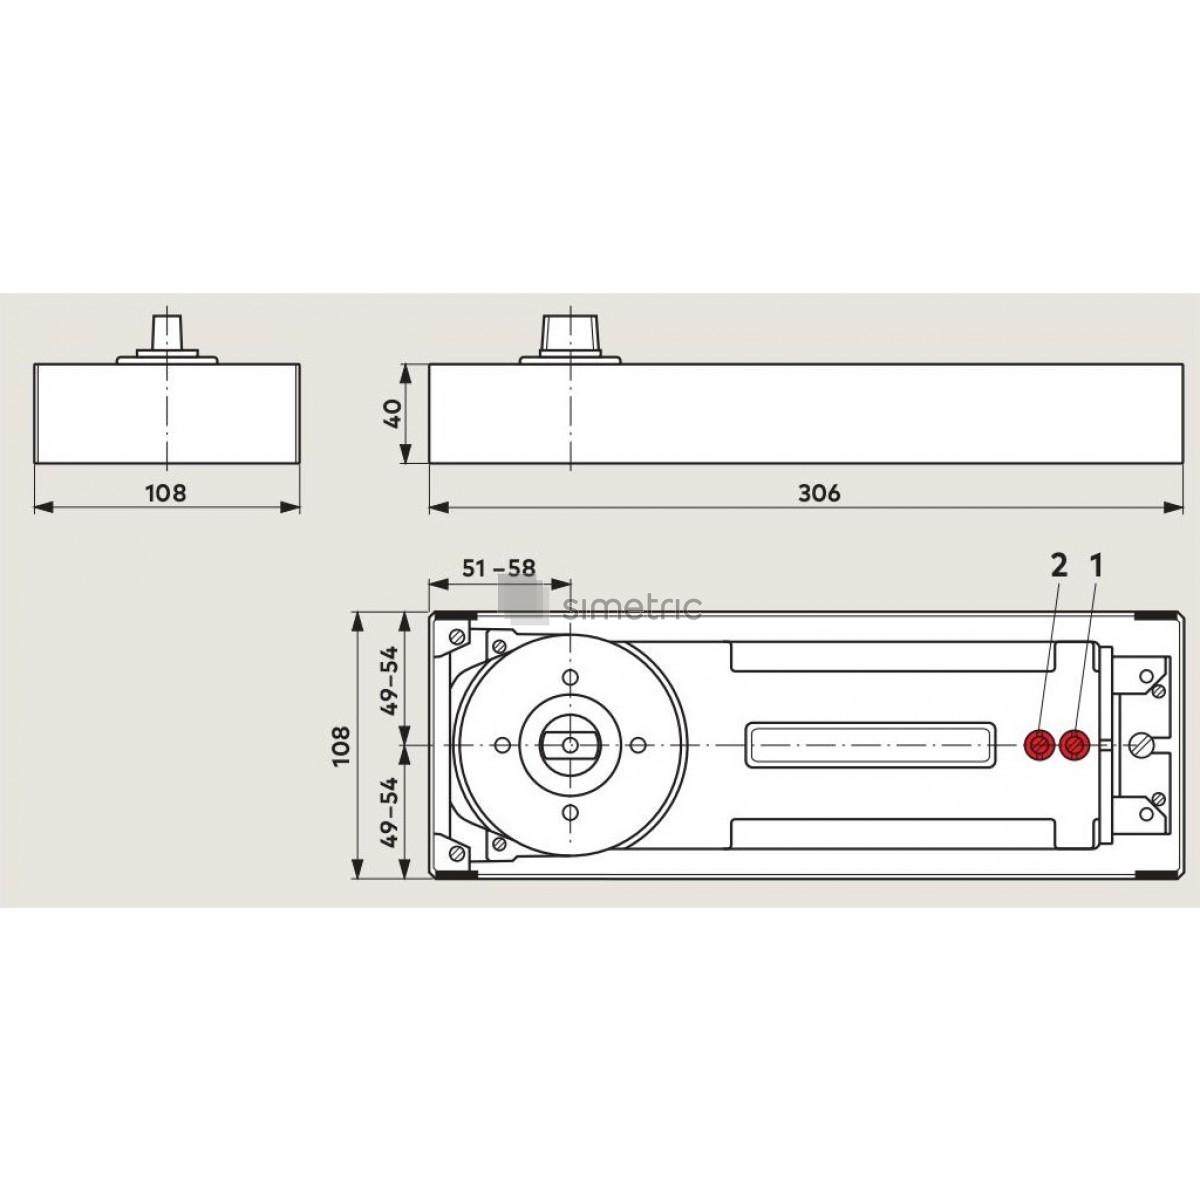 DORMA BTS 84 - Amortizor de pardoseala cu blocare la 90 Grade - EN 3 - 81210001